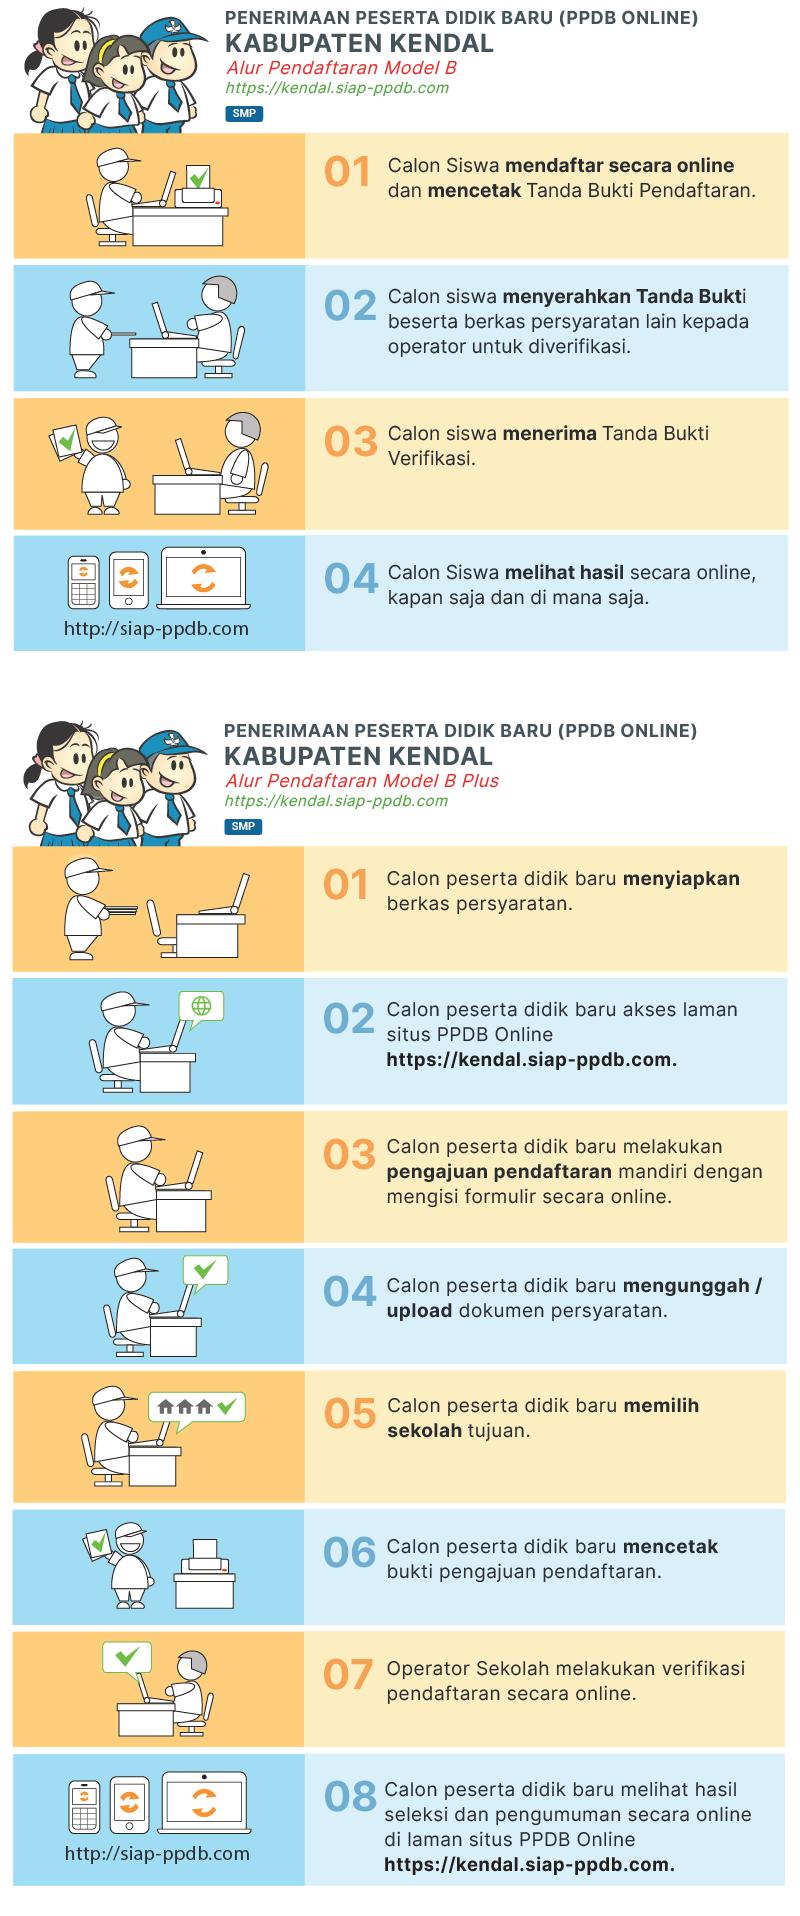 Jadwal dan Syarat Cara Pendaftaran PPDB SMP Kabupaten Kendal 2019.